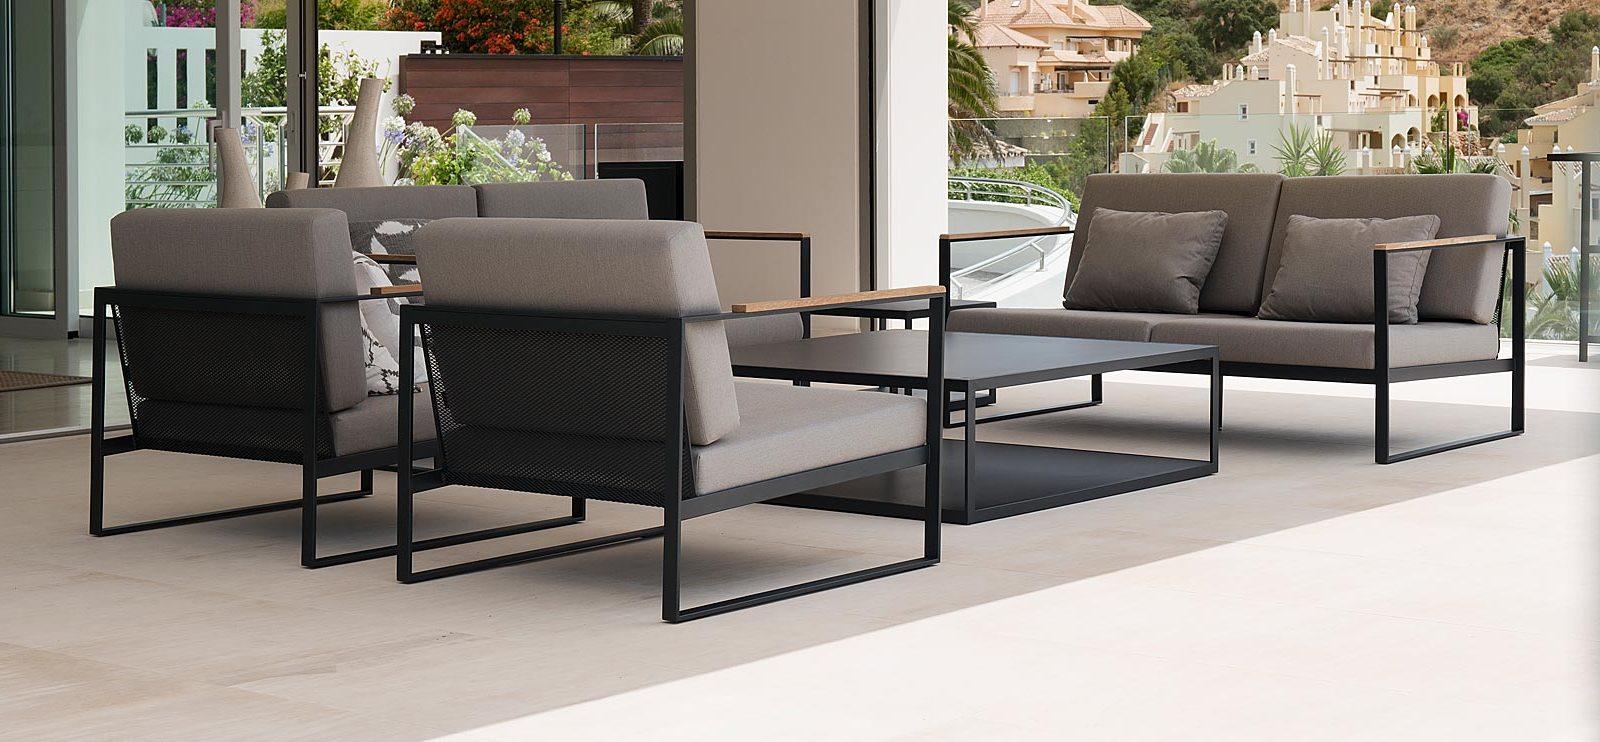 Коллекция мебели для отдыха Лион